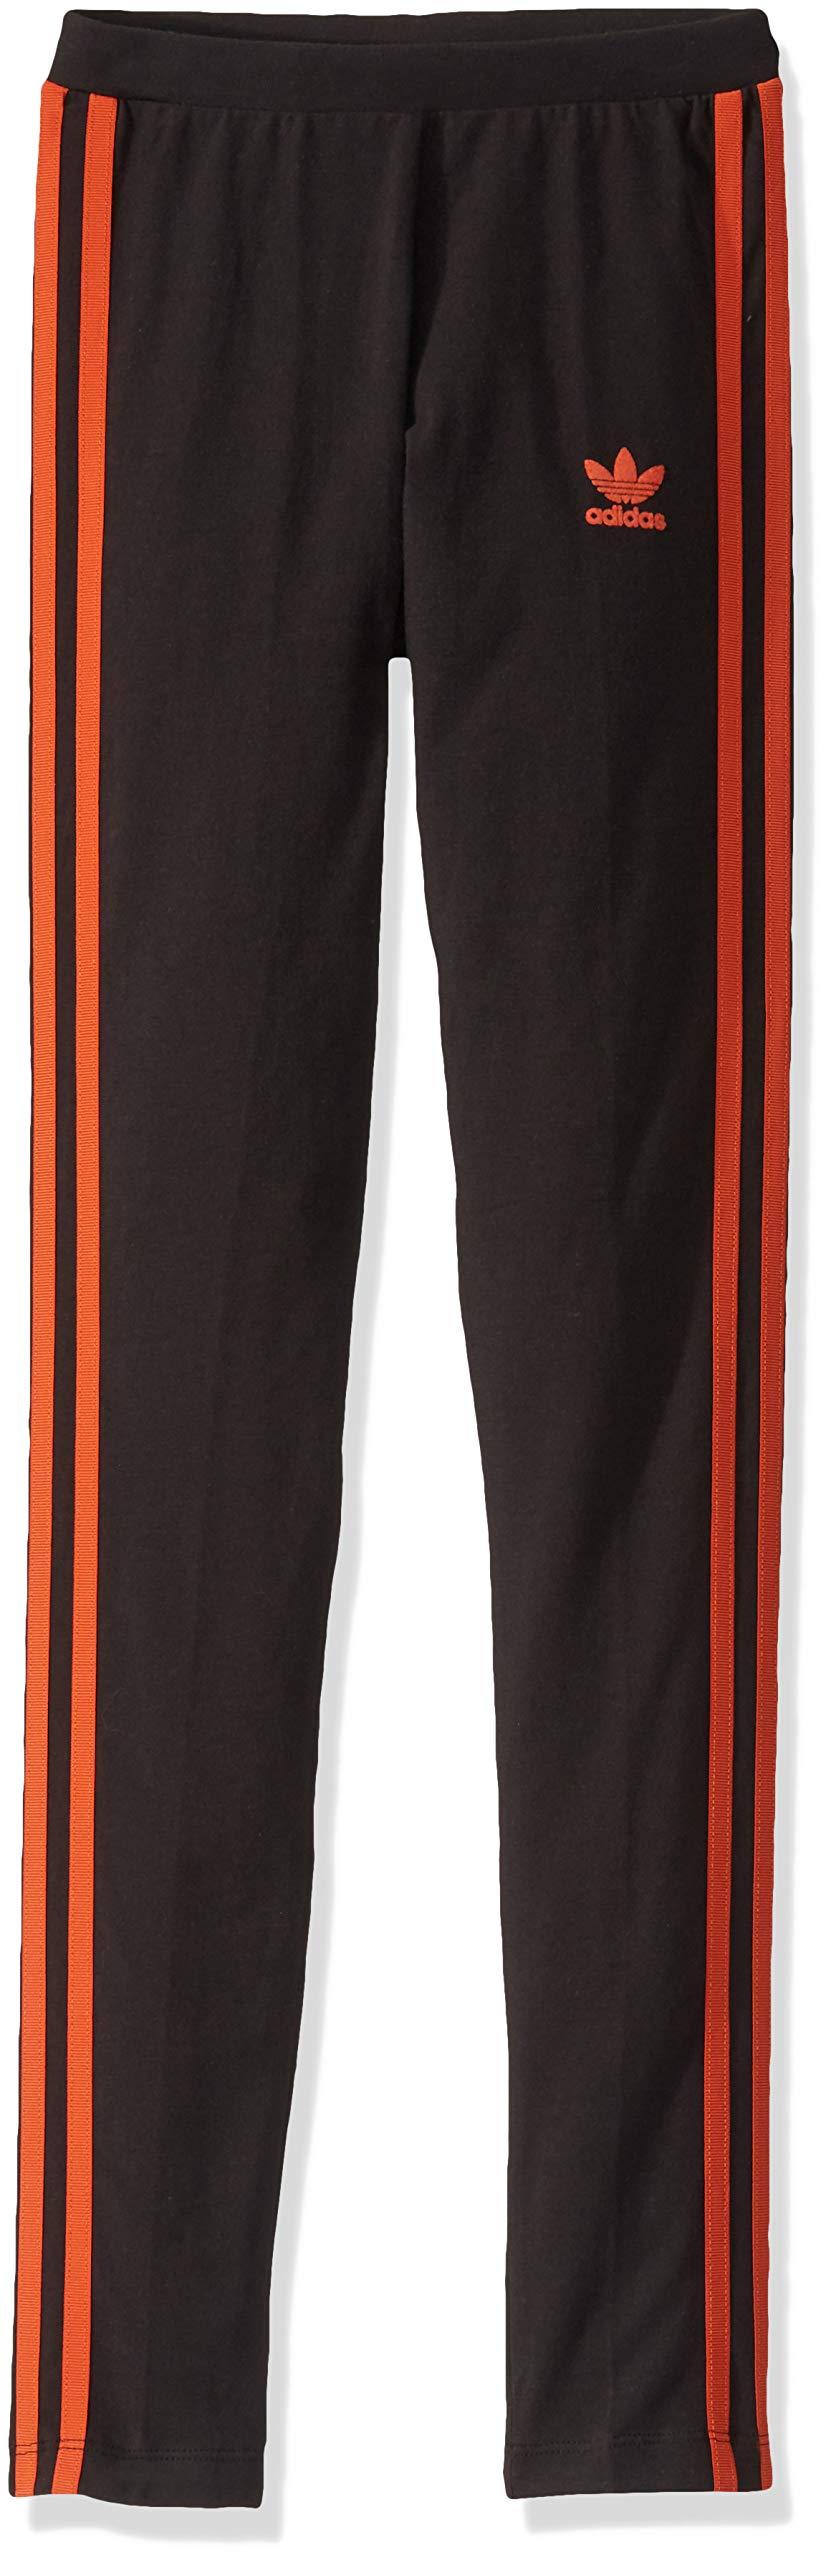 adidas Originals Women's 3 Stripes Legging, White/Black, XX-Small by adidas Originals